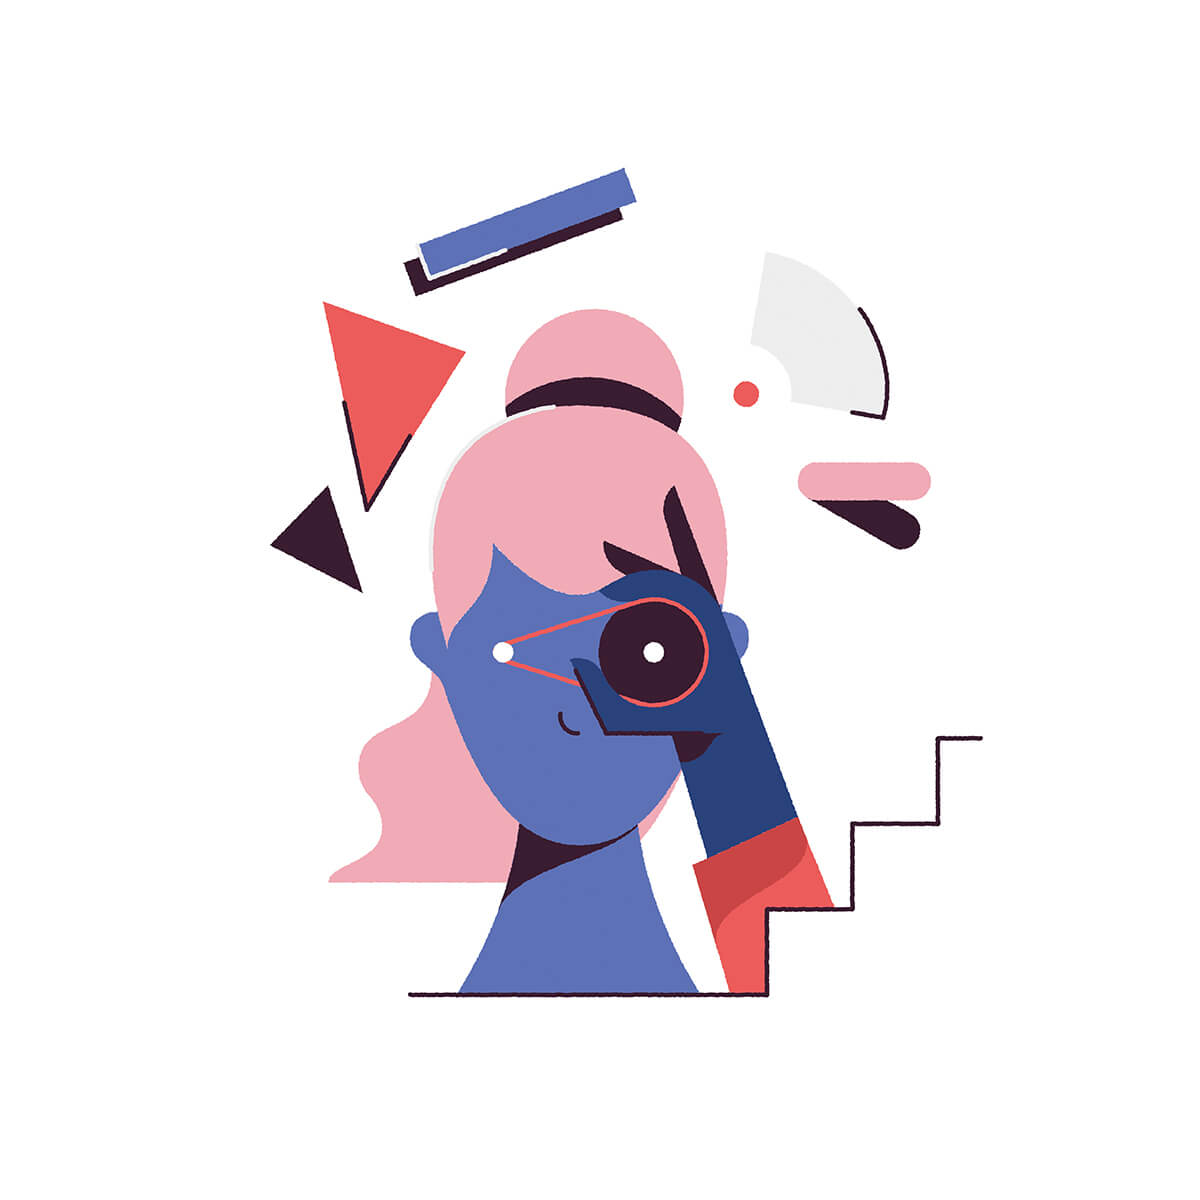 Timo-Kuilder-illustration-goodfromyou-16.jpg